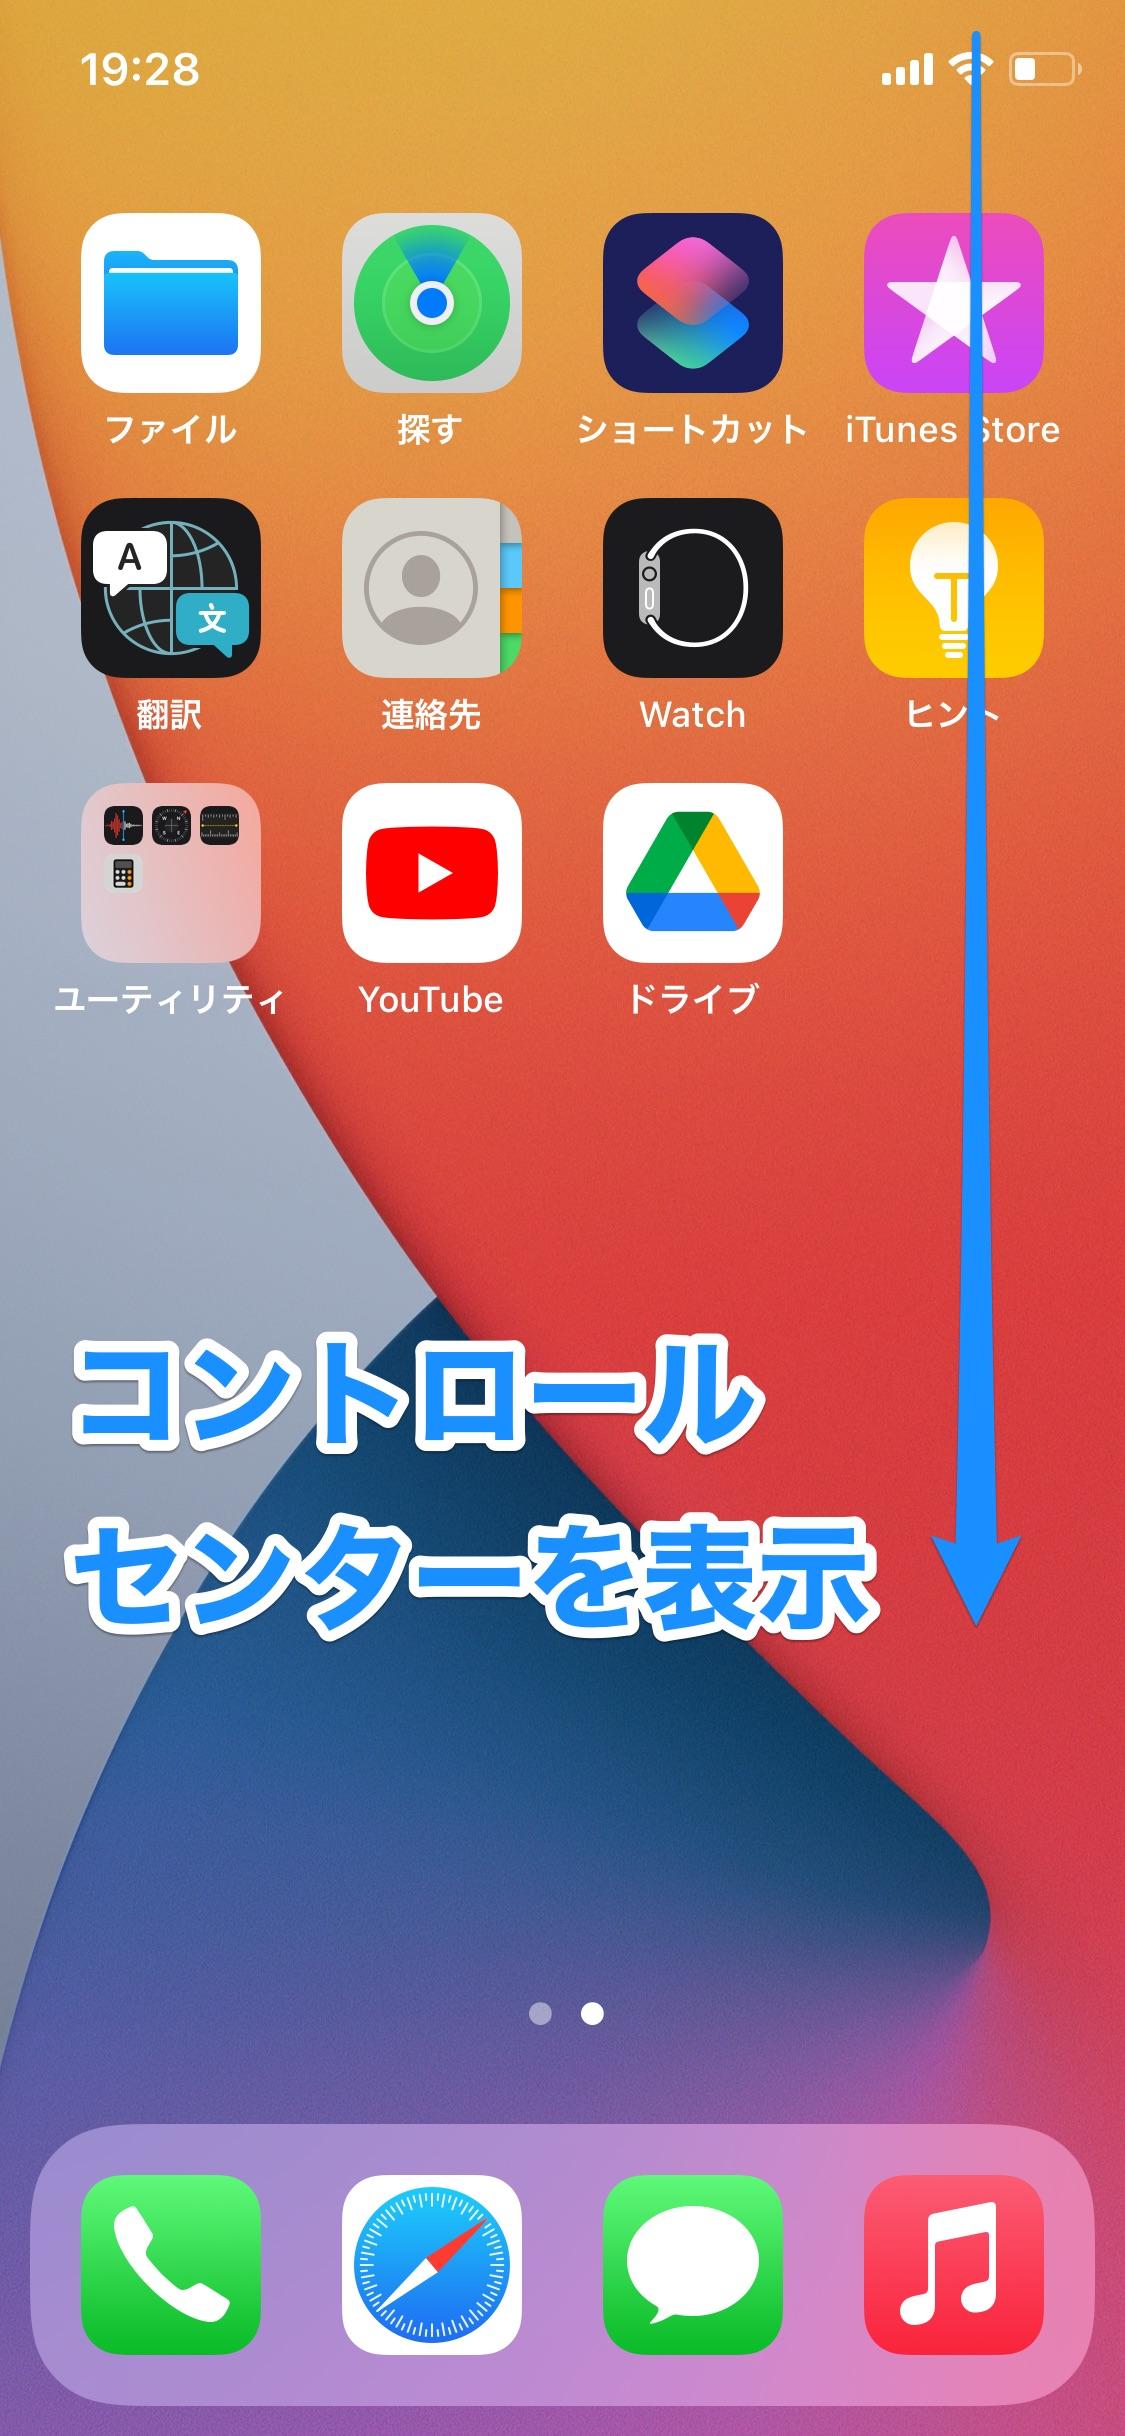 iPhoneでYouTube動画の音声をバックグラウンド再生する裏ワザ。ほかのアプリを使いながら聴ける!